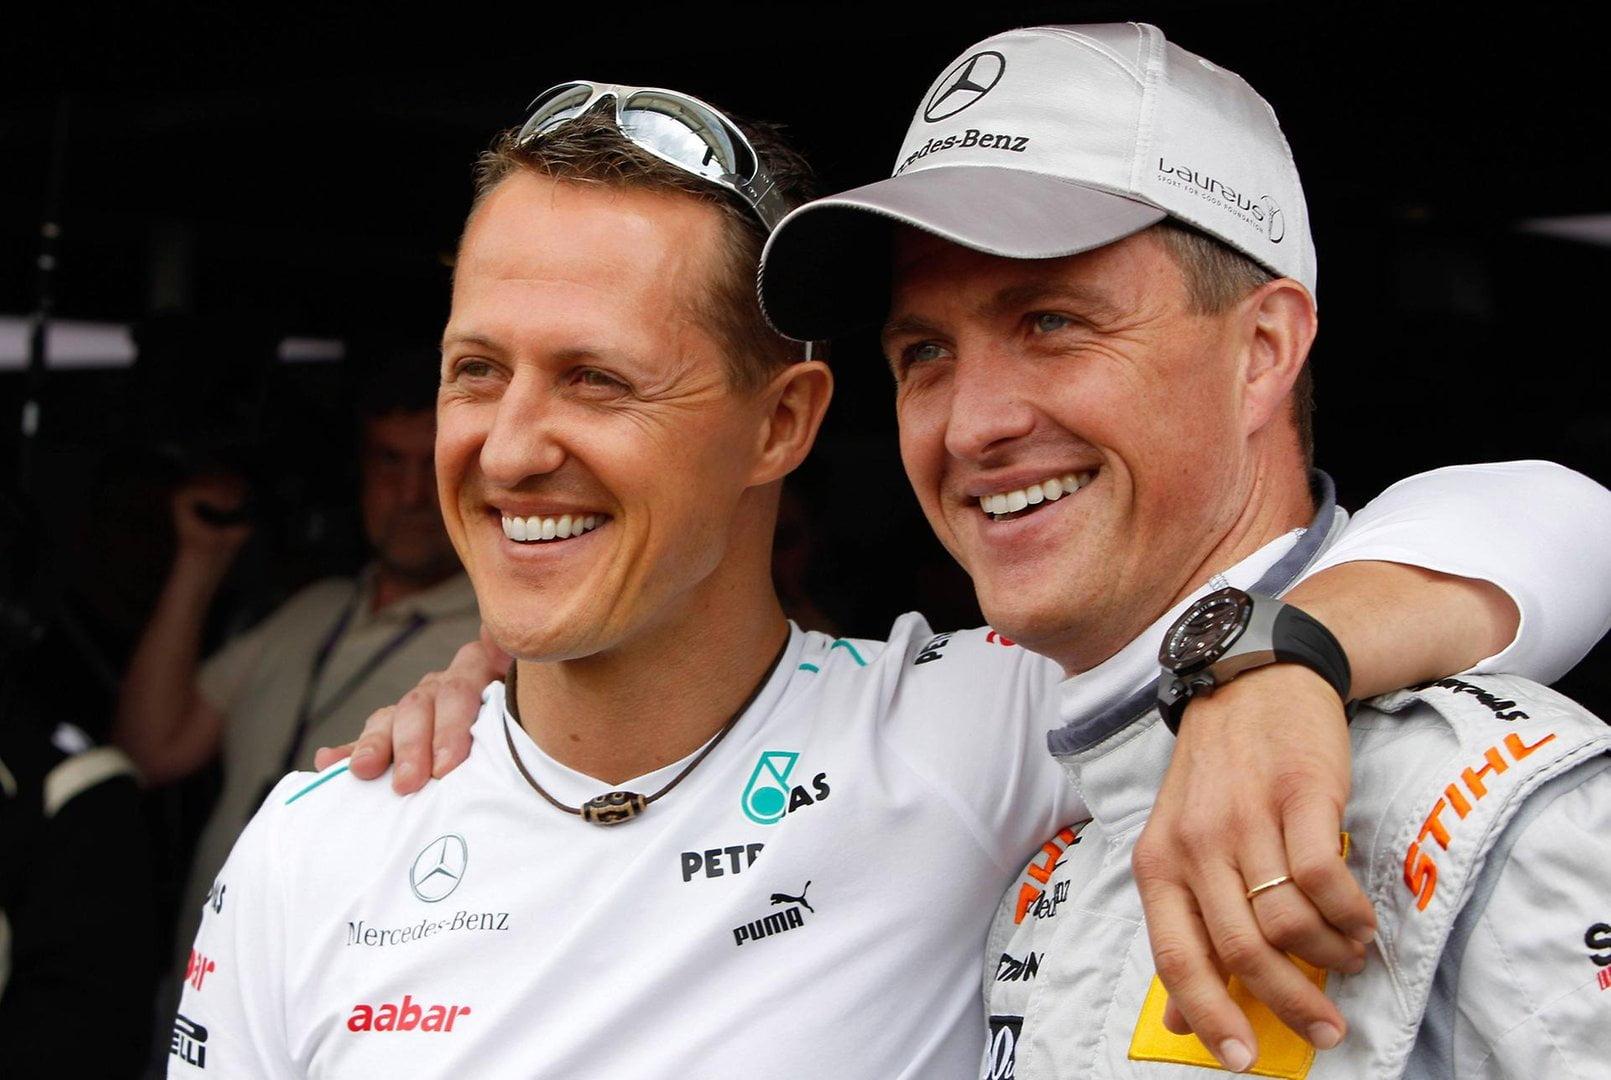 Ralf Schumacher abrazado junto a su hermano Michael.